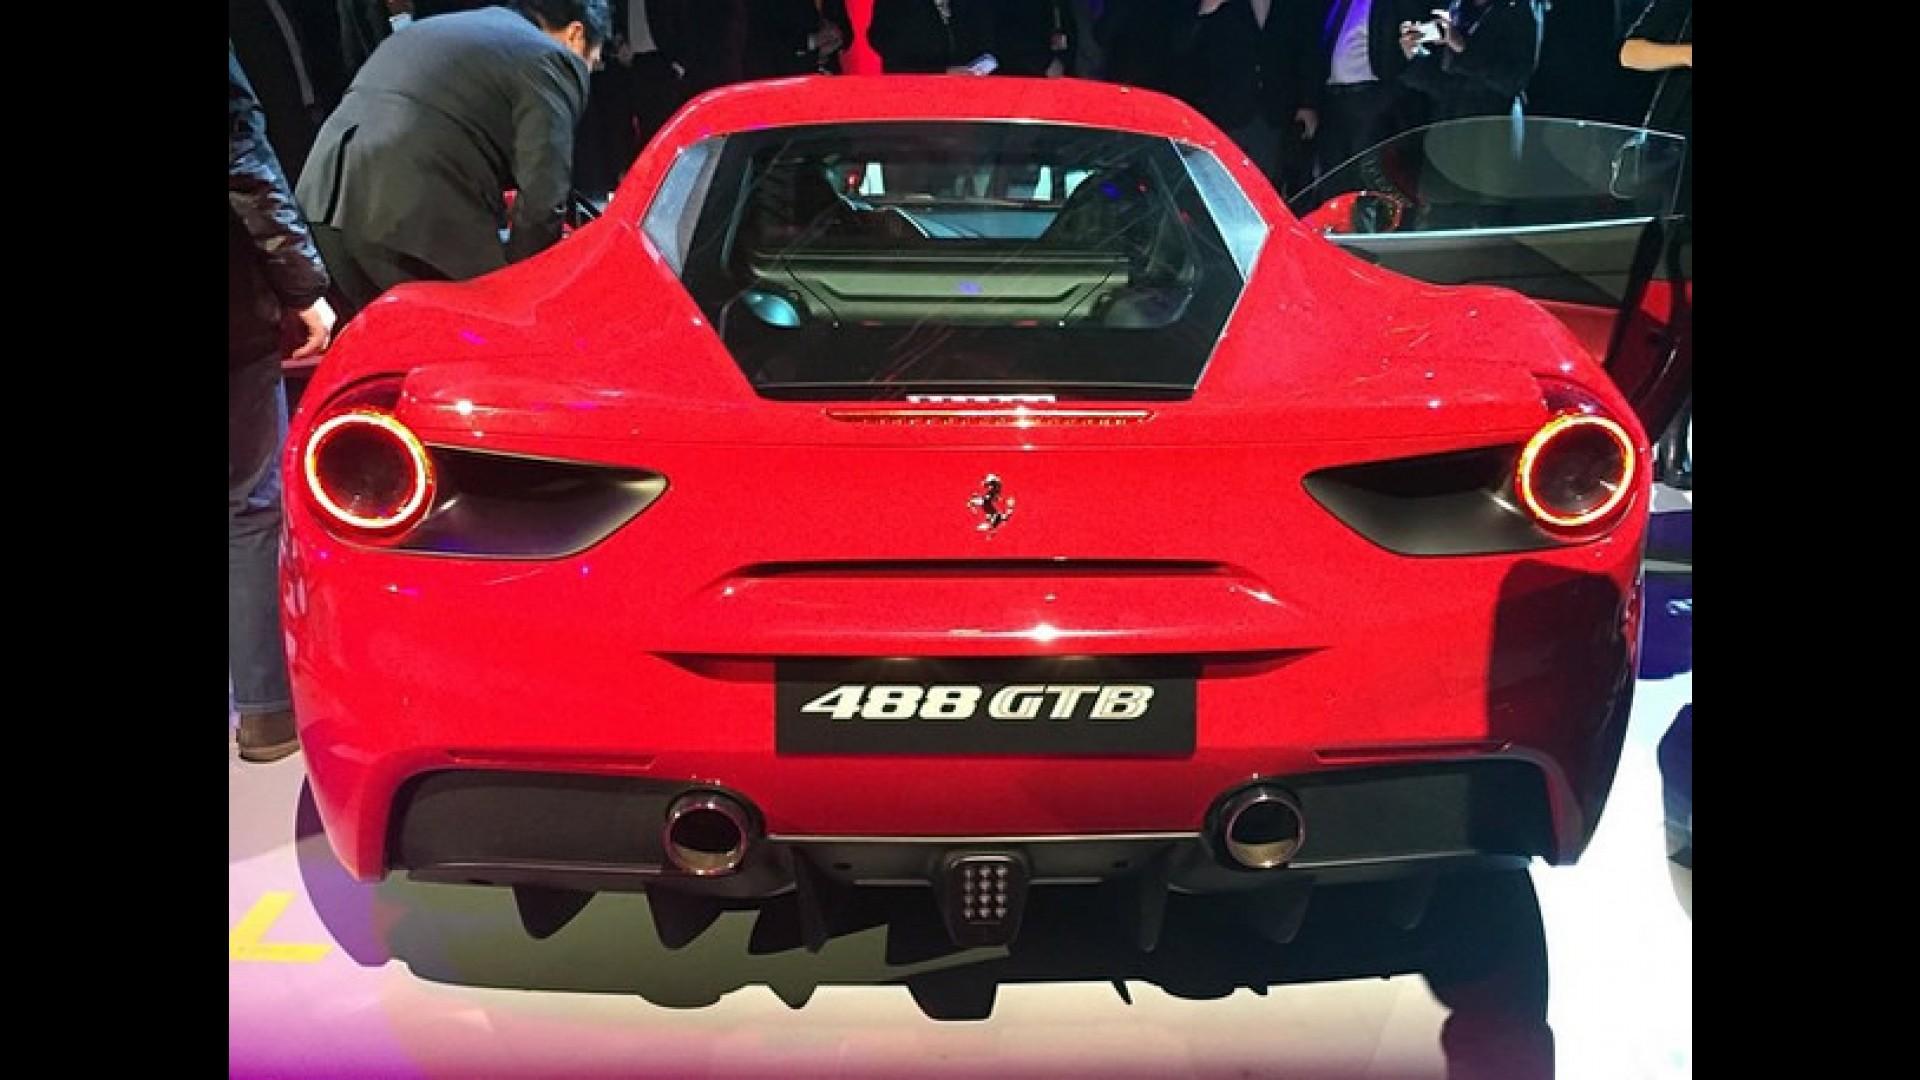 a317dffaae9a4 Ferrari celebra 10 anos de parceria com a marca esportiva Puma